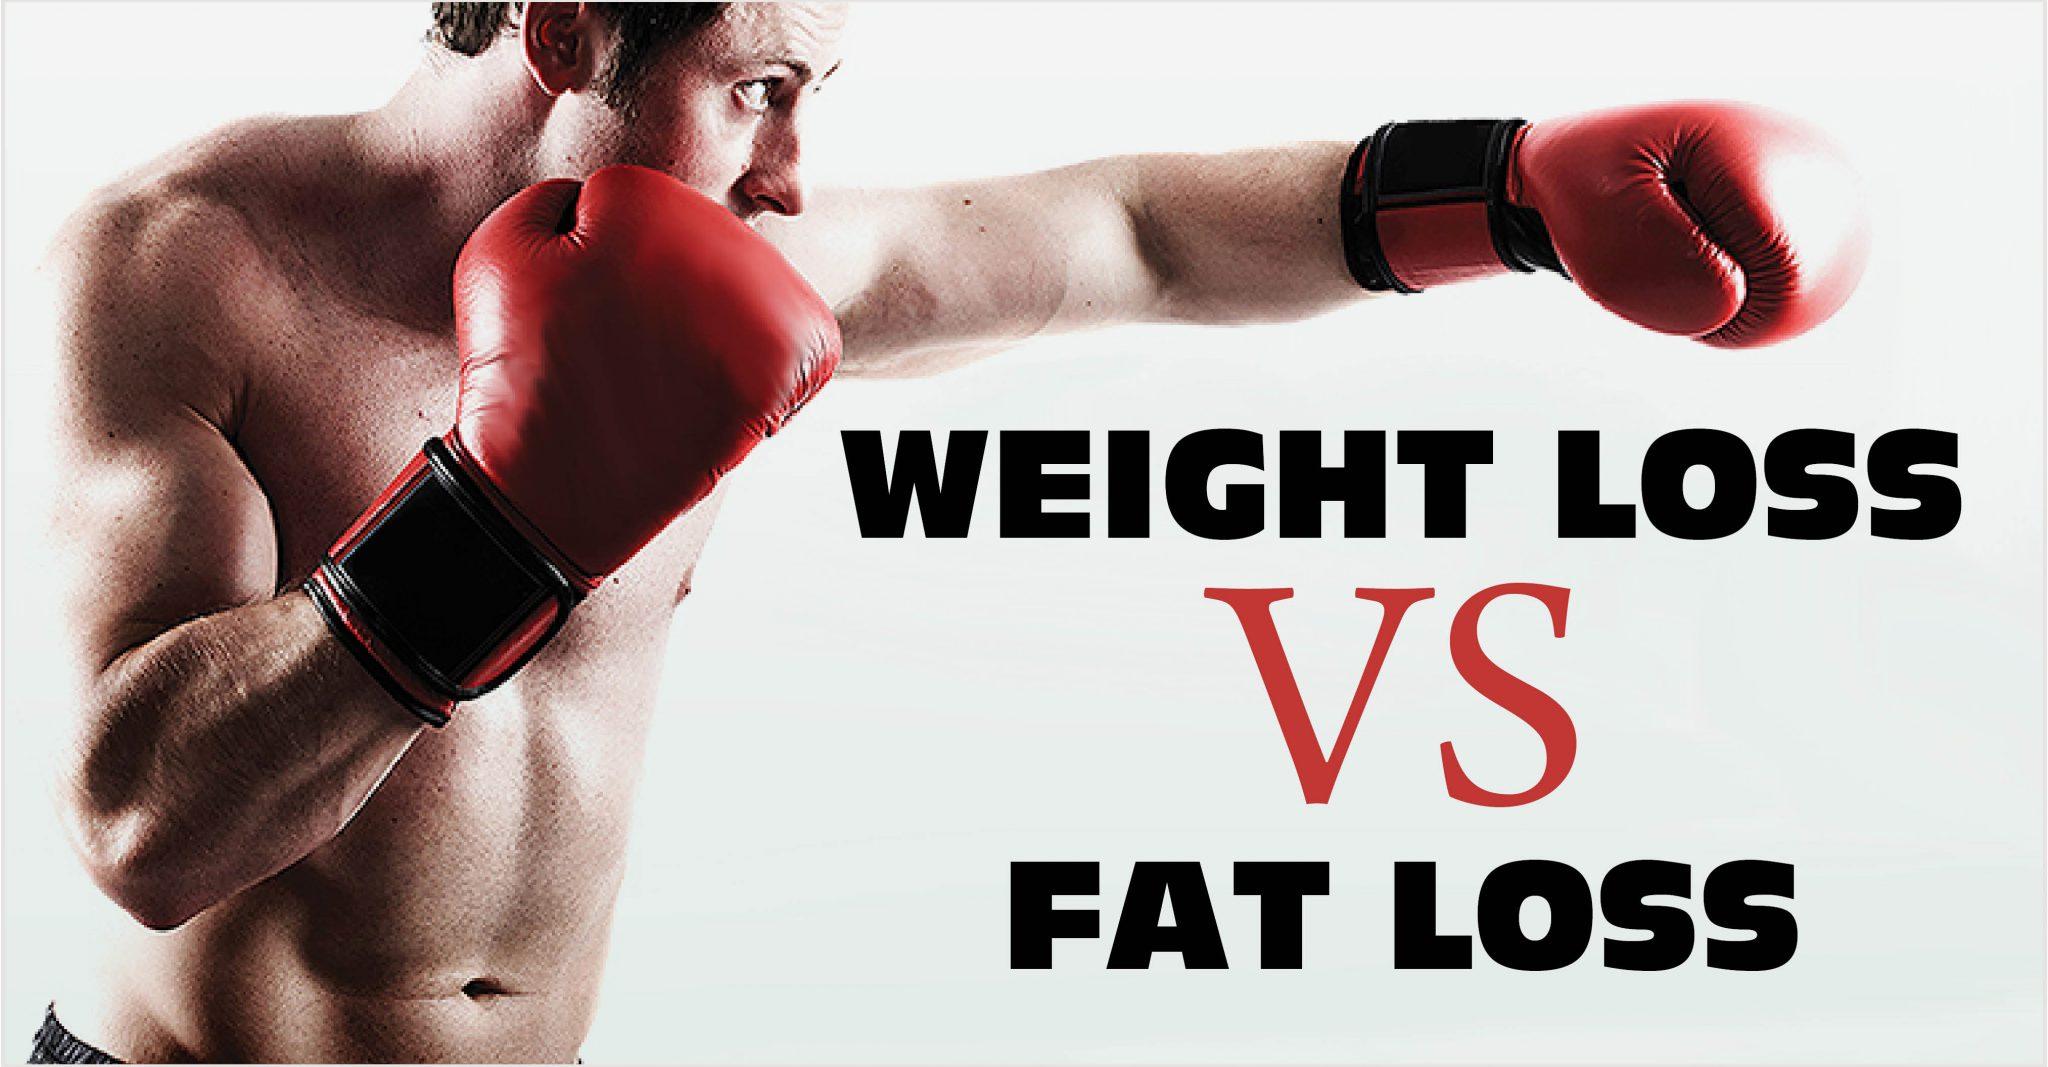 aici este de fapt grăsimea ta când pierzi în greutate - Pierdere În Greutate, Noiembrie